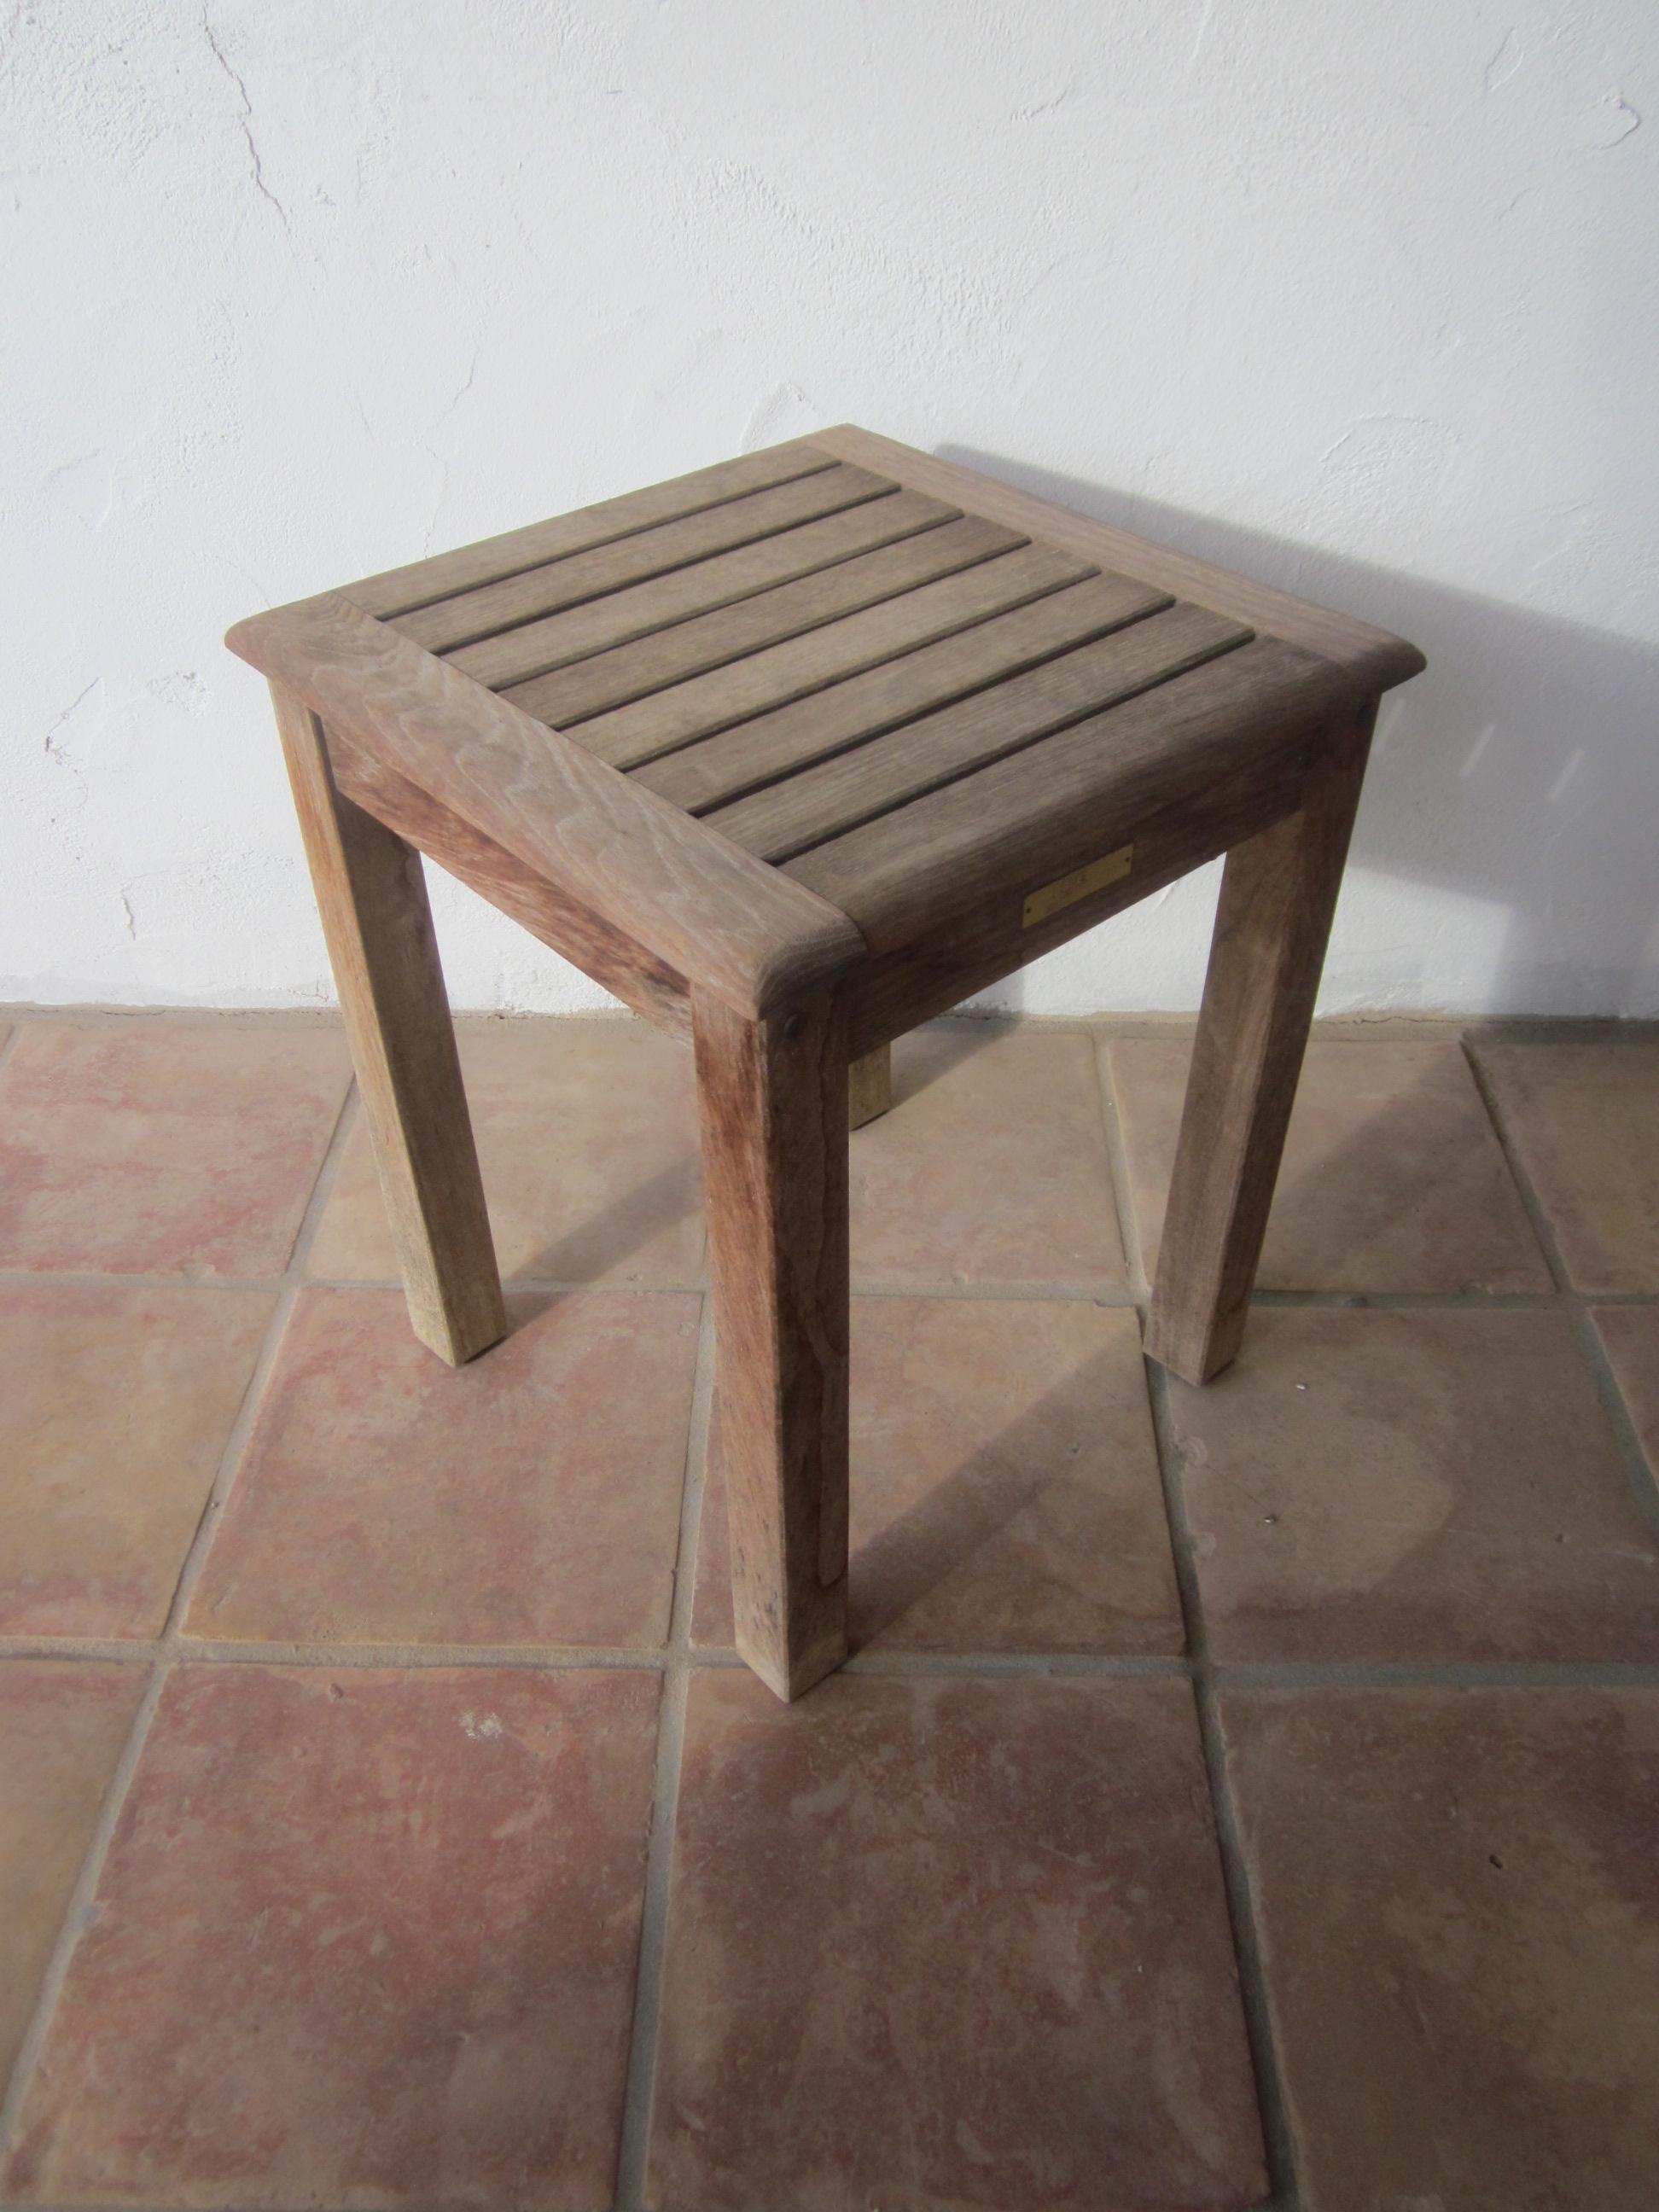 Teak Table, Kingsley Bate Outdoor Patio Furniture